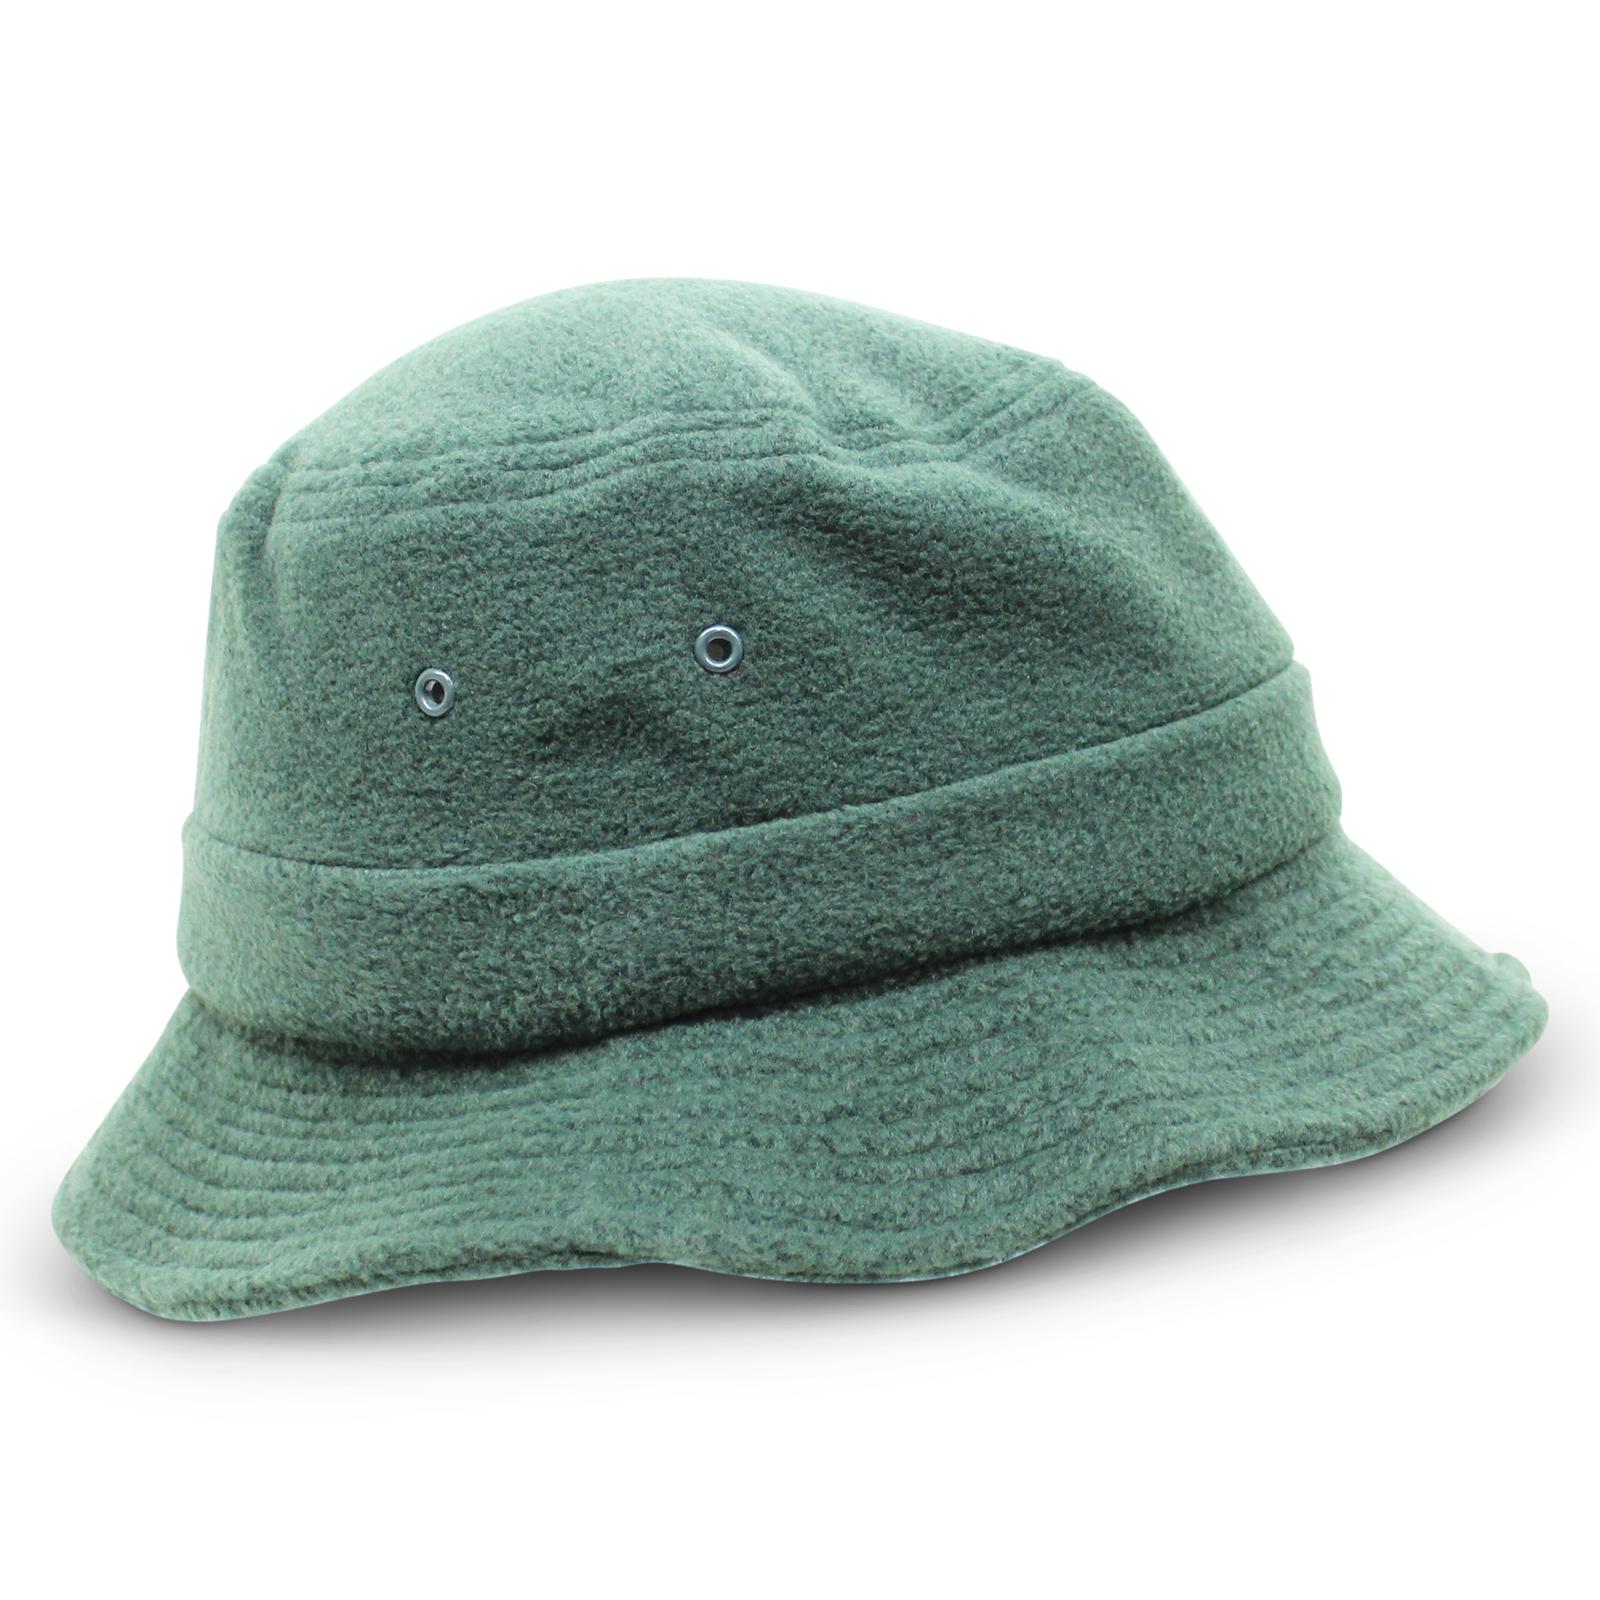 01d8aa6178d0c Fleece Bucket Hat - NEW   CLOTHING-Hats - Headwear-Winter ...